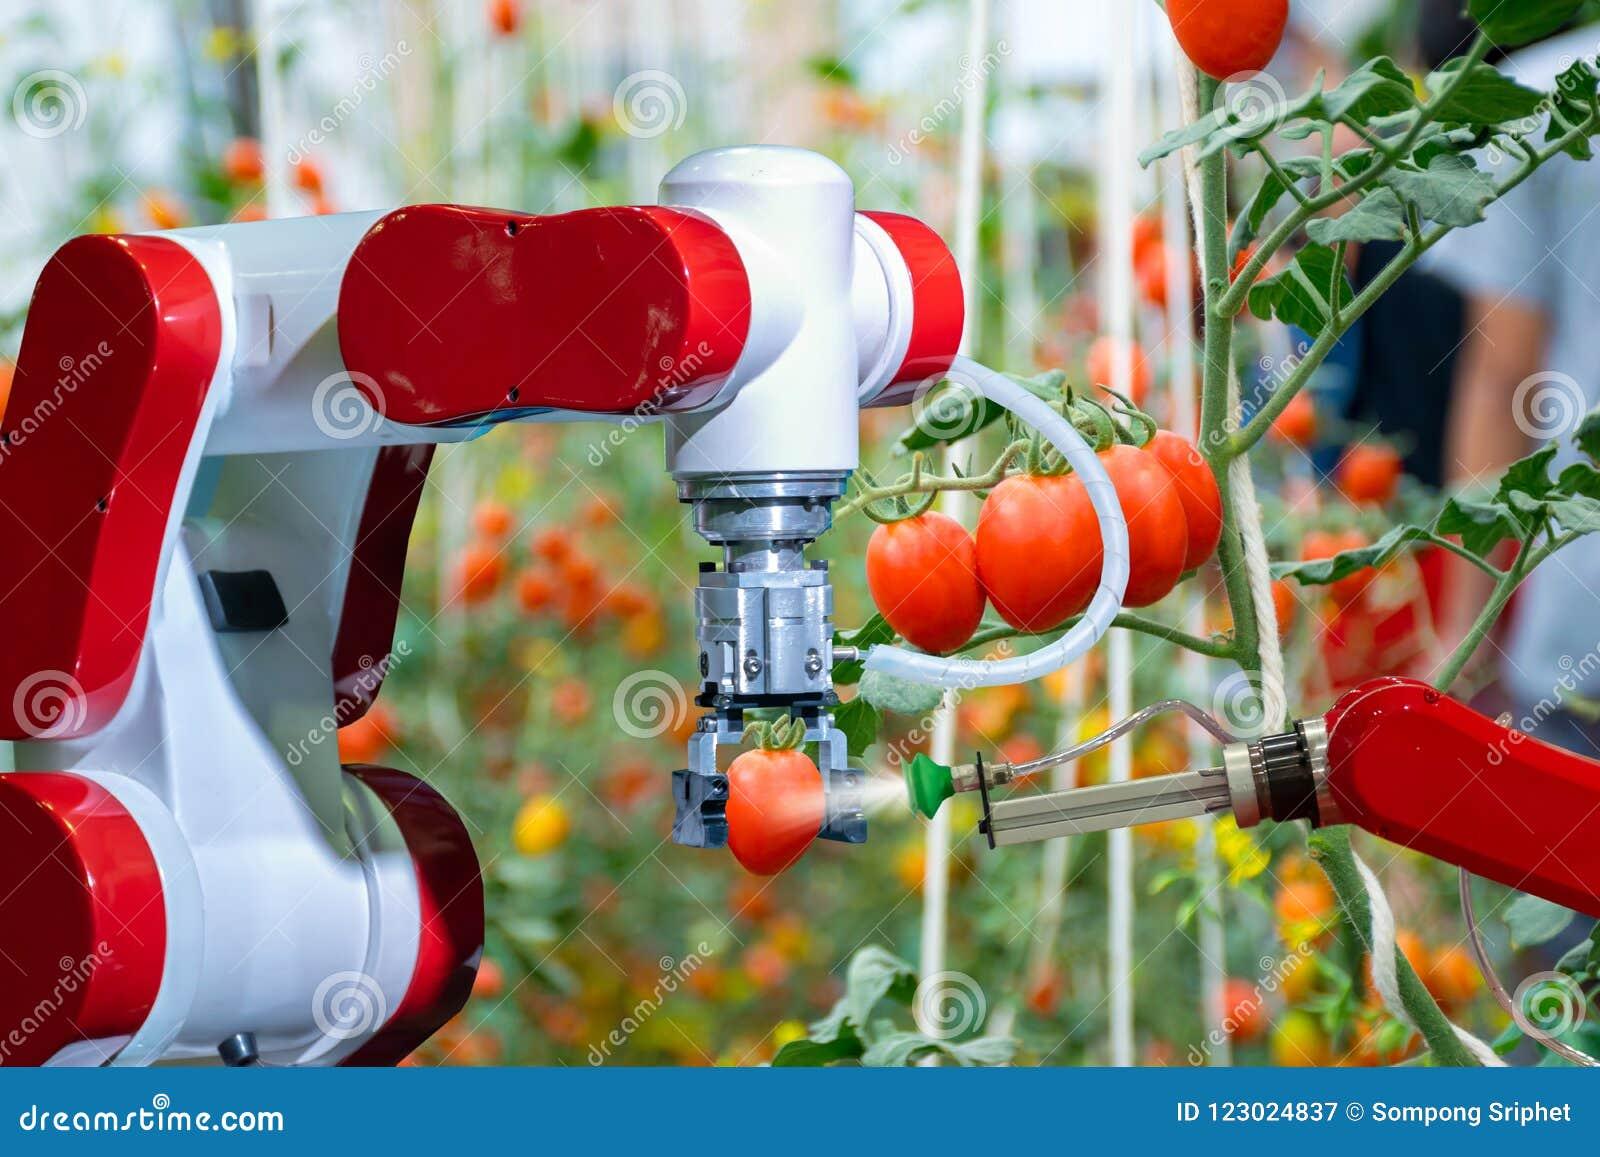 Agriculteurs robotiques futés dans l automation futuriste de robot d agriculture à travailler pour pulvériser l engrais chimique